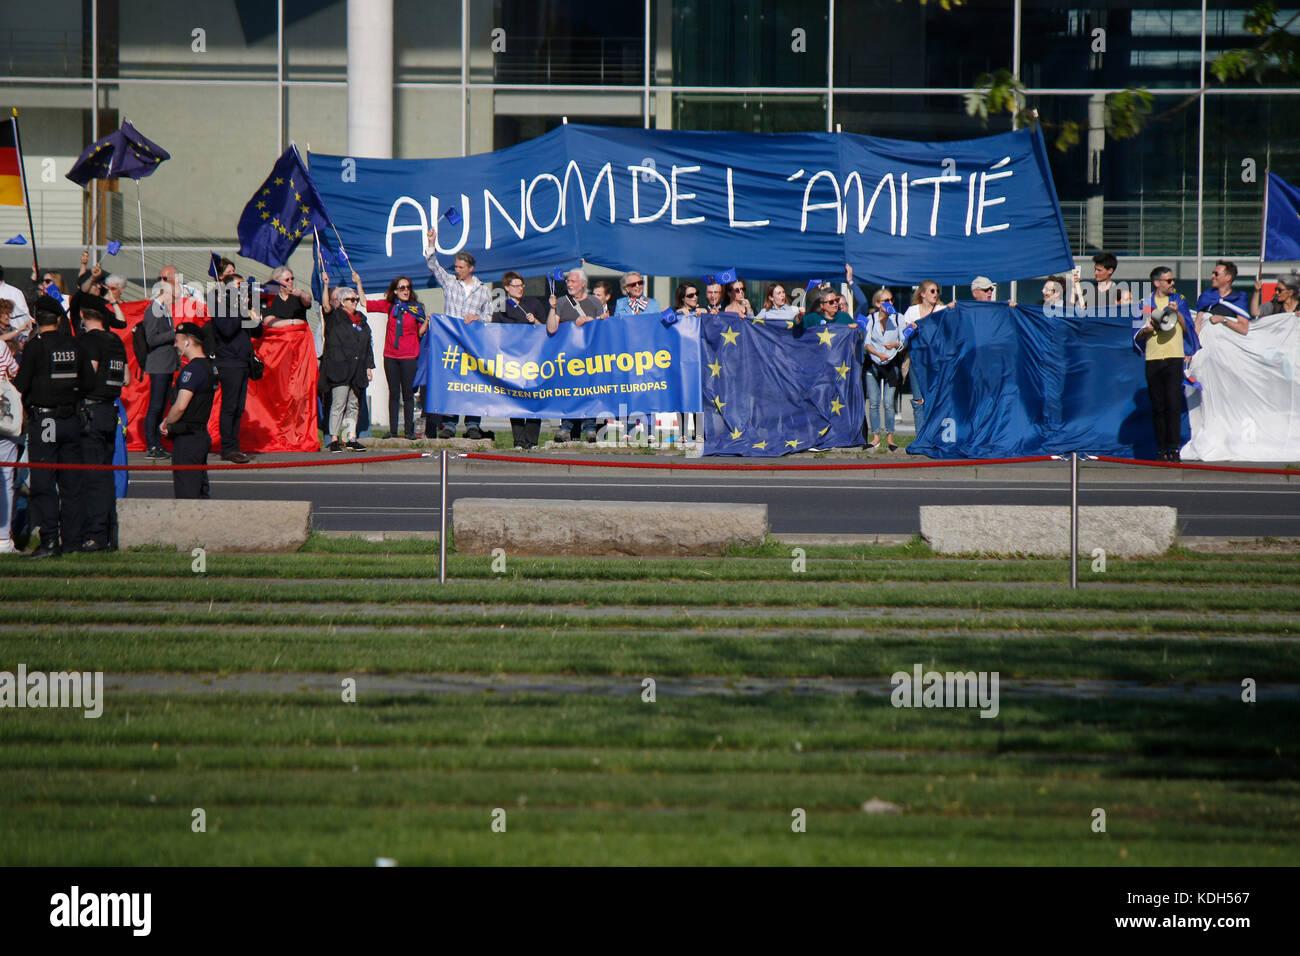 'Au nom de l'amitie' (Im Namen der Freundschaft) - Impressionen - Treffen der dt. Bundeskanzlerin mit - Stock Image